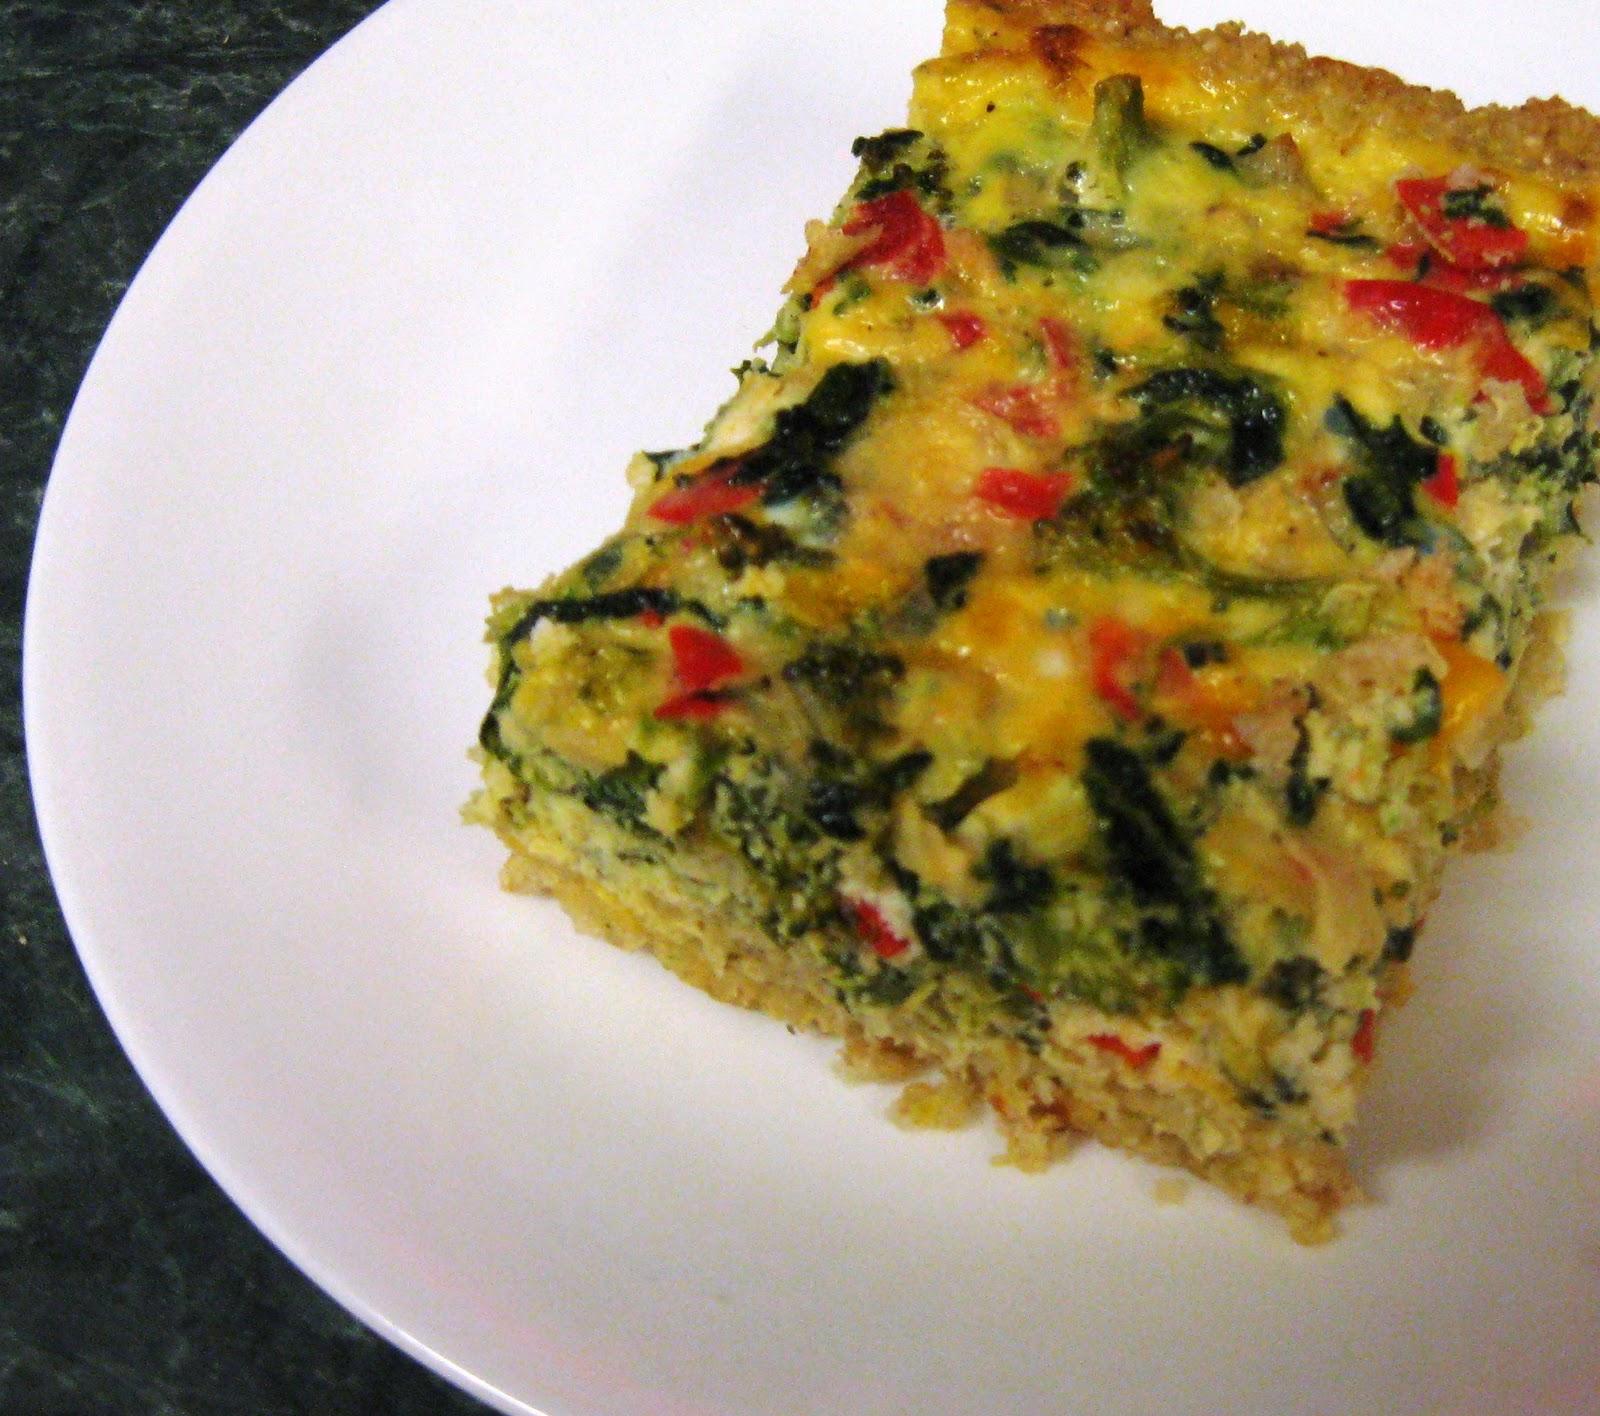 Vegetable Egg Breakfast Casserole: Egg Vegetable Casserole Recipe